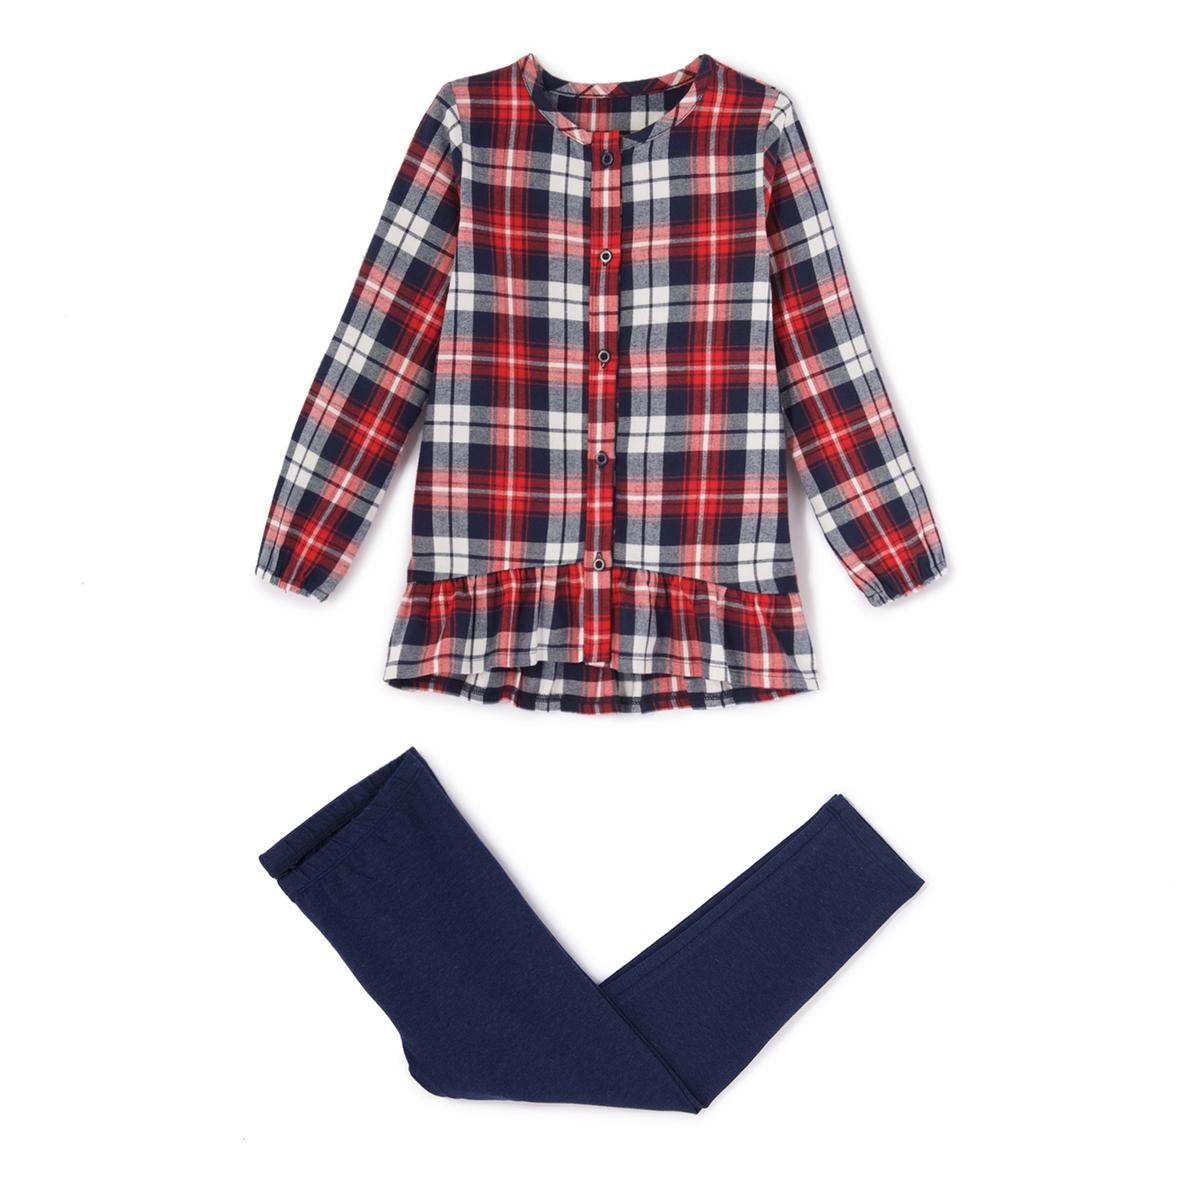 Пижама в клетку, 2-12 летПижама: удлиненная рубашка с воланом и застежкой на пуговицы. Круглый вырез. Длинные однотонные леггинсы с эластичным поясом.Состав и описание :    Материал     Верх из 100% хлопка                  Леггинсы из трикотажа стрейч, 95% хлопка, 5% эластана  Уход :  Машинная стирка при 30 °C с вещами схожих цветов. Стирка и глажка с изнаночной стороны. Машинная сушка в умеренном режиме. Гладить при низкой температуре.<br><br>Цвет: в клетку<br>Размер: 12 лет -150 см.10 лет - 138 см.8 лет - 126 см.4 года - 102 см.6 лет - 114 см.5 лет - 108 см